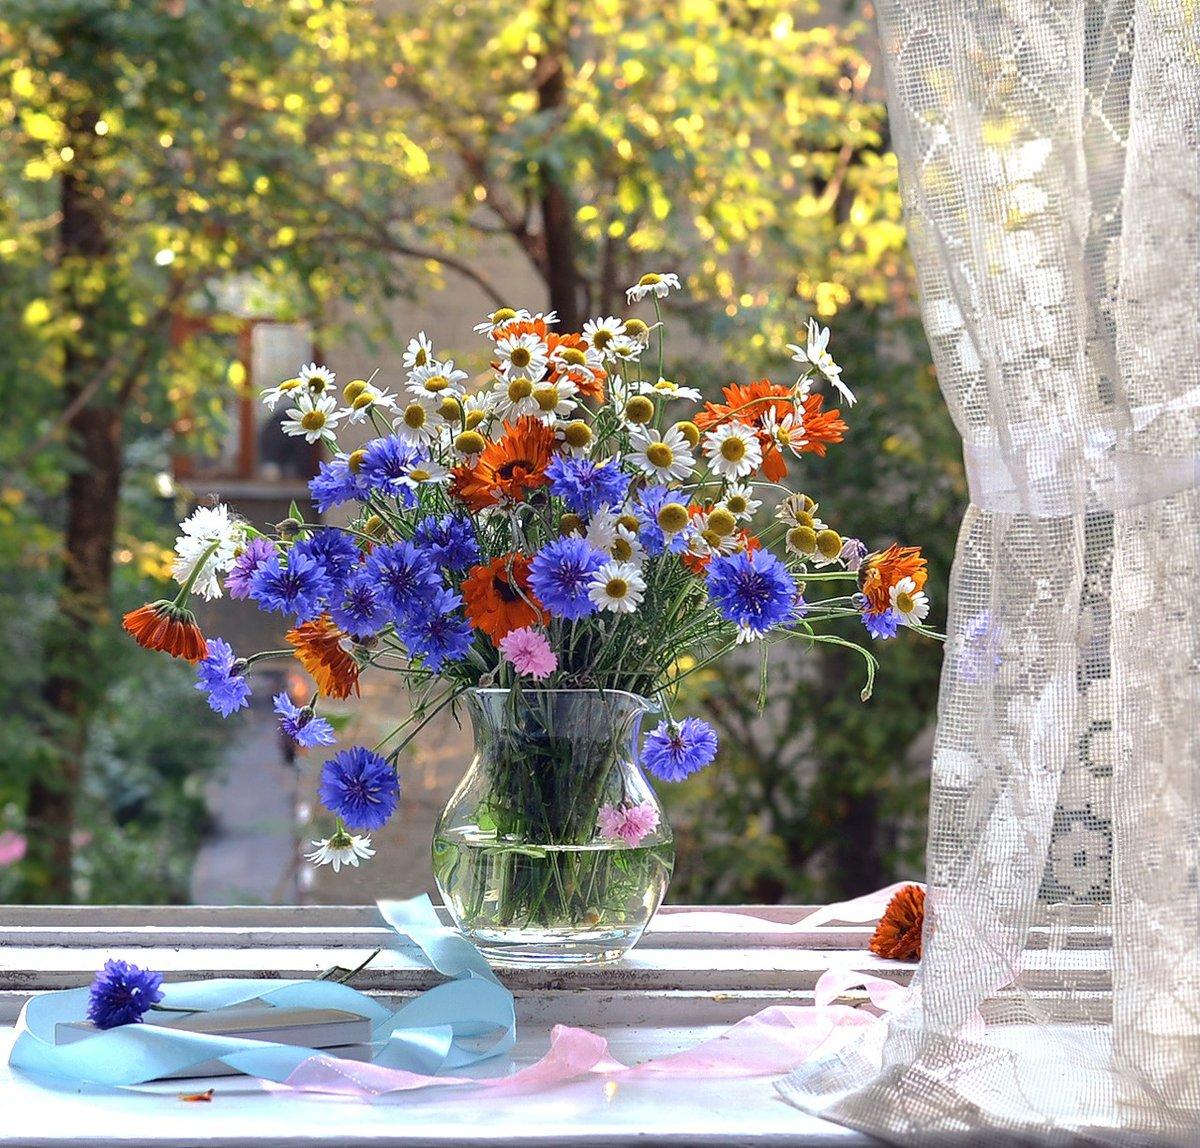 Летние окна #букет #васильки #вечер #дом #июль #композиция #конкурс #красота #ленты #лето #набоков #натюрморт #ноготки #окна #окно #природа #ракурс #ромашки #свет #солнце #стекло #стихи #цветы